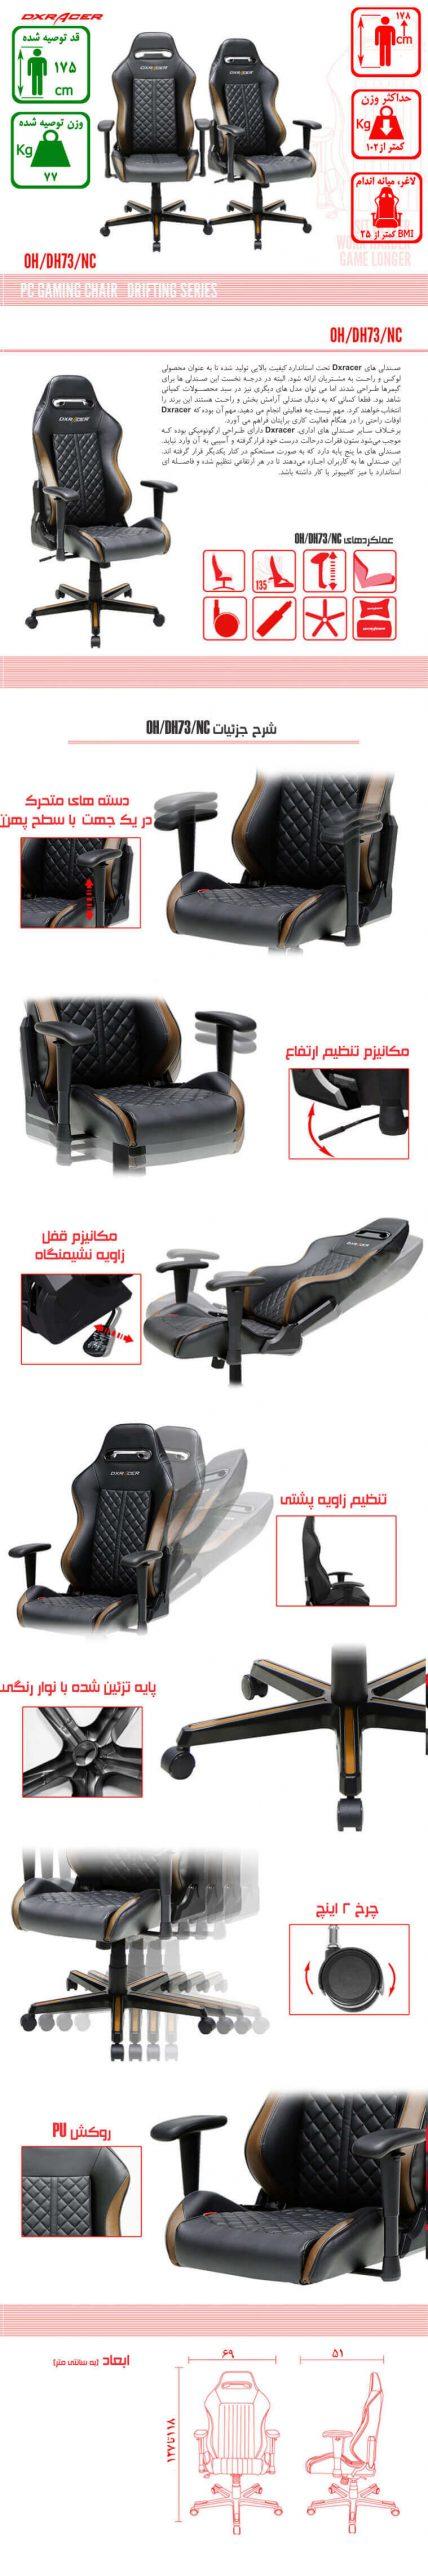 صندلی اداری DXRACER سری دریفتینگ مدل OH DH73 NC